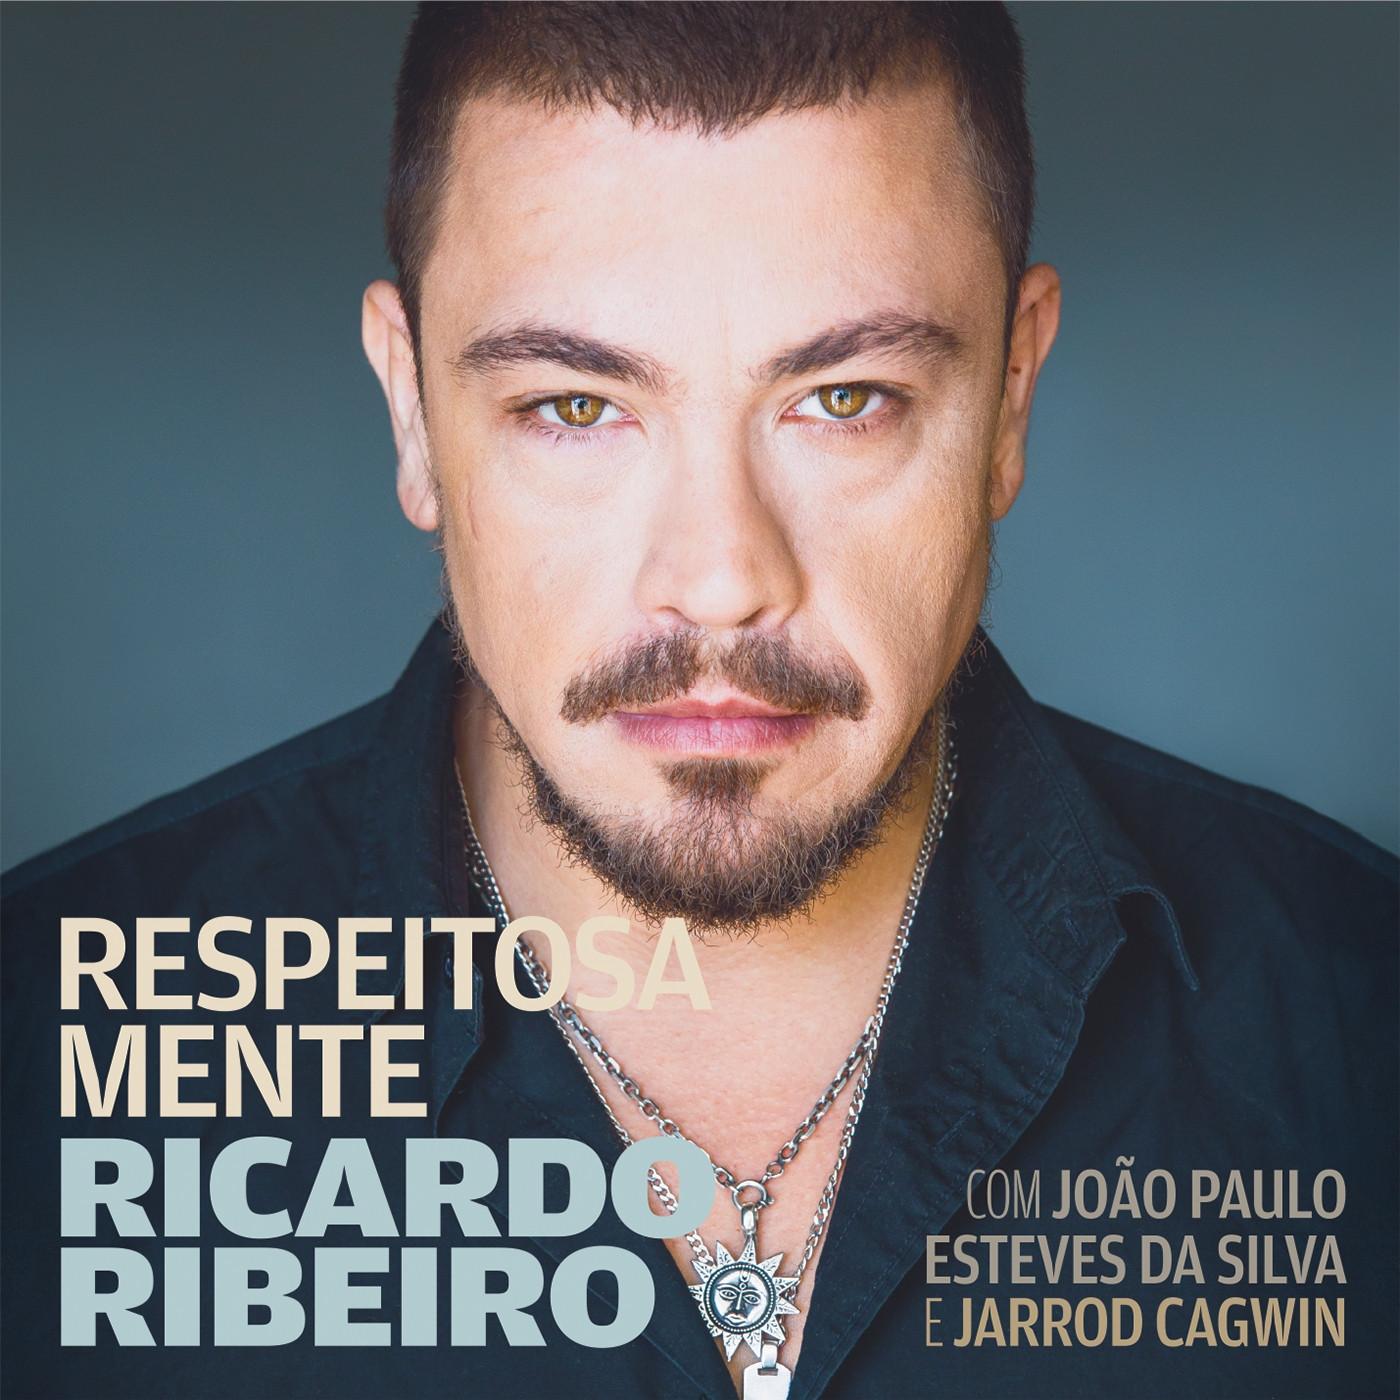 Ricardo Ribeiro 01.jpg